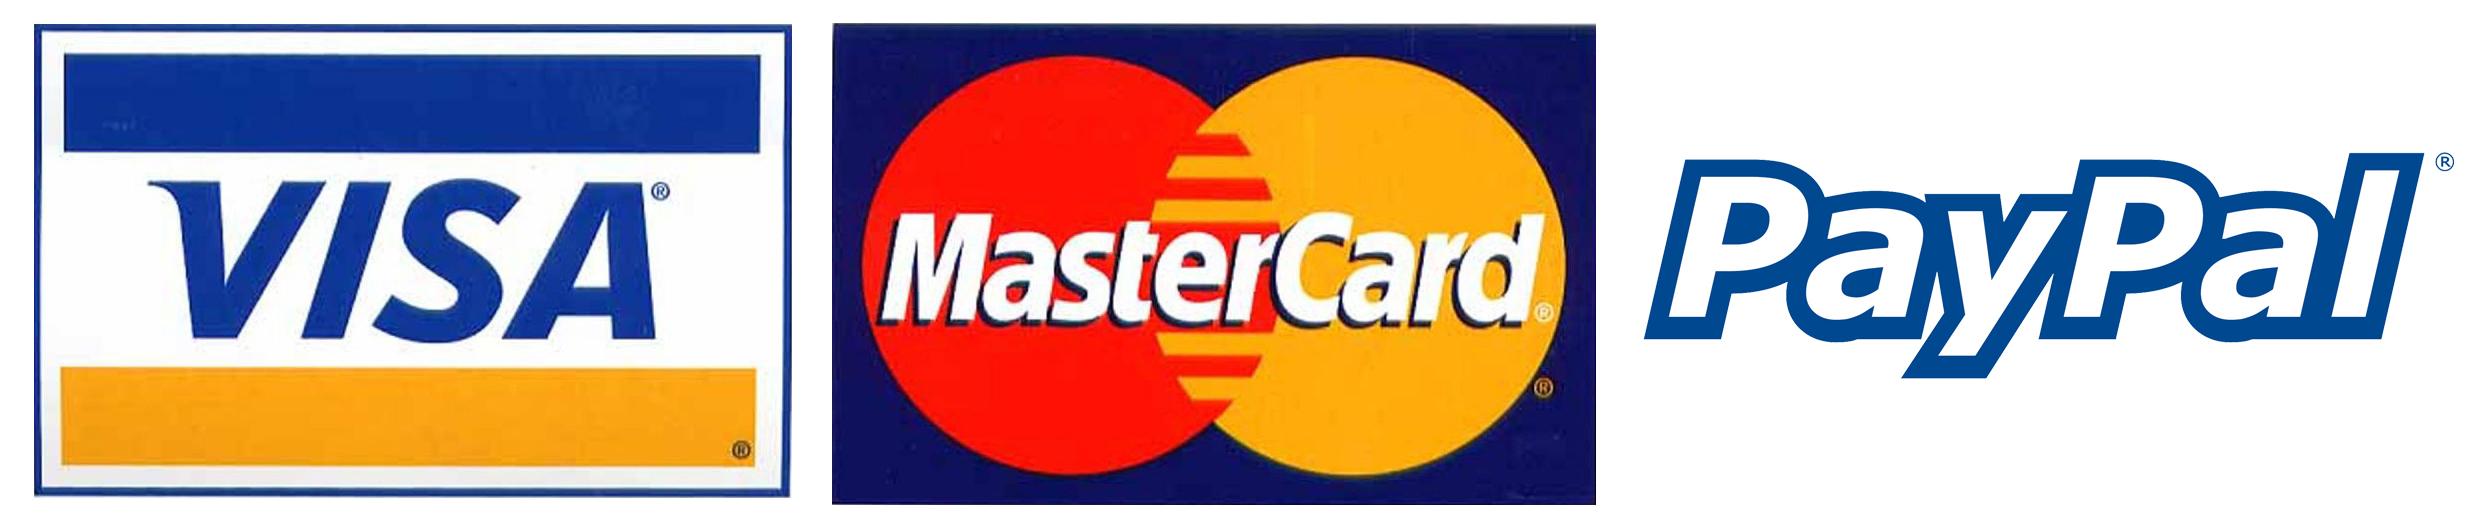 We Accept Visa Mastercard and Paypal